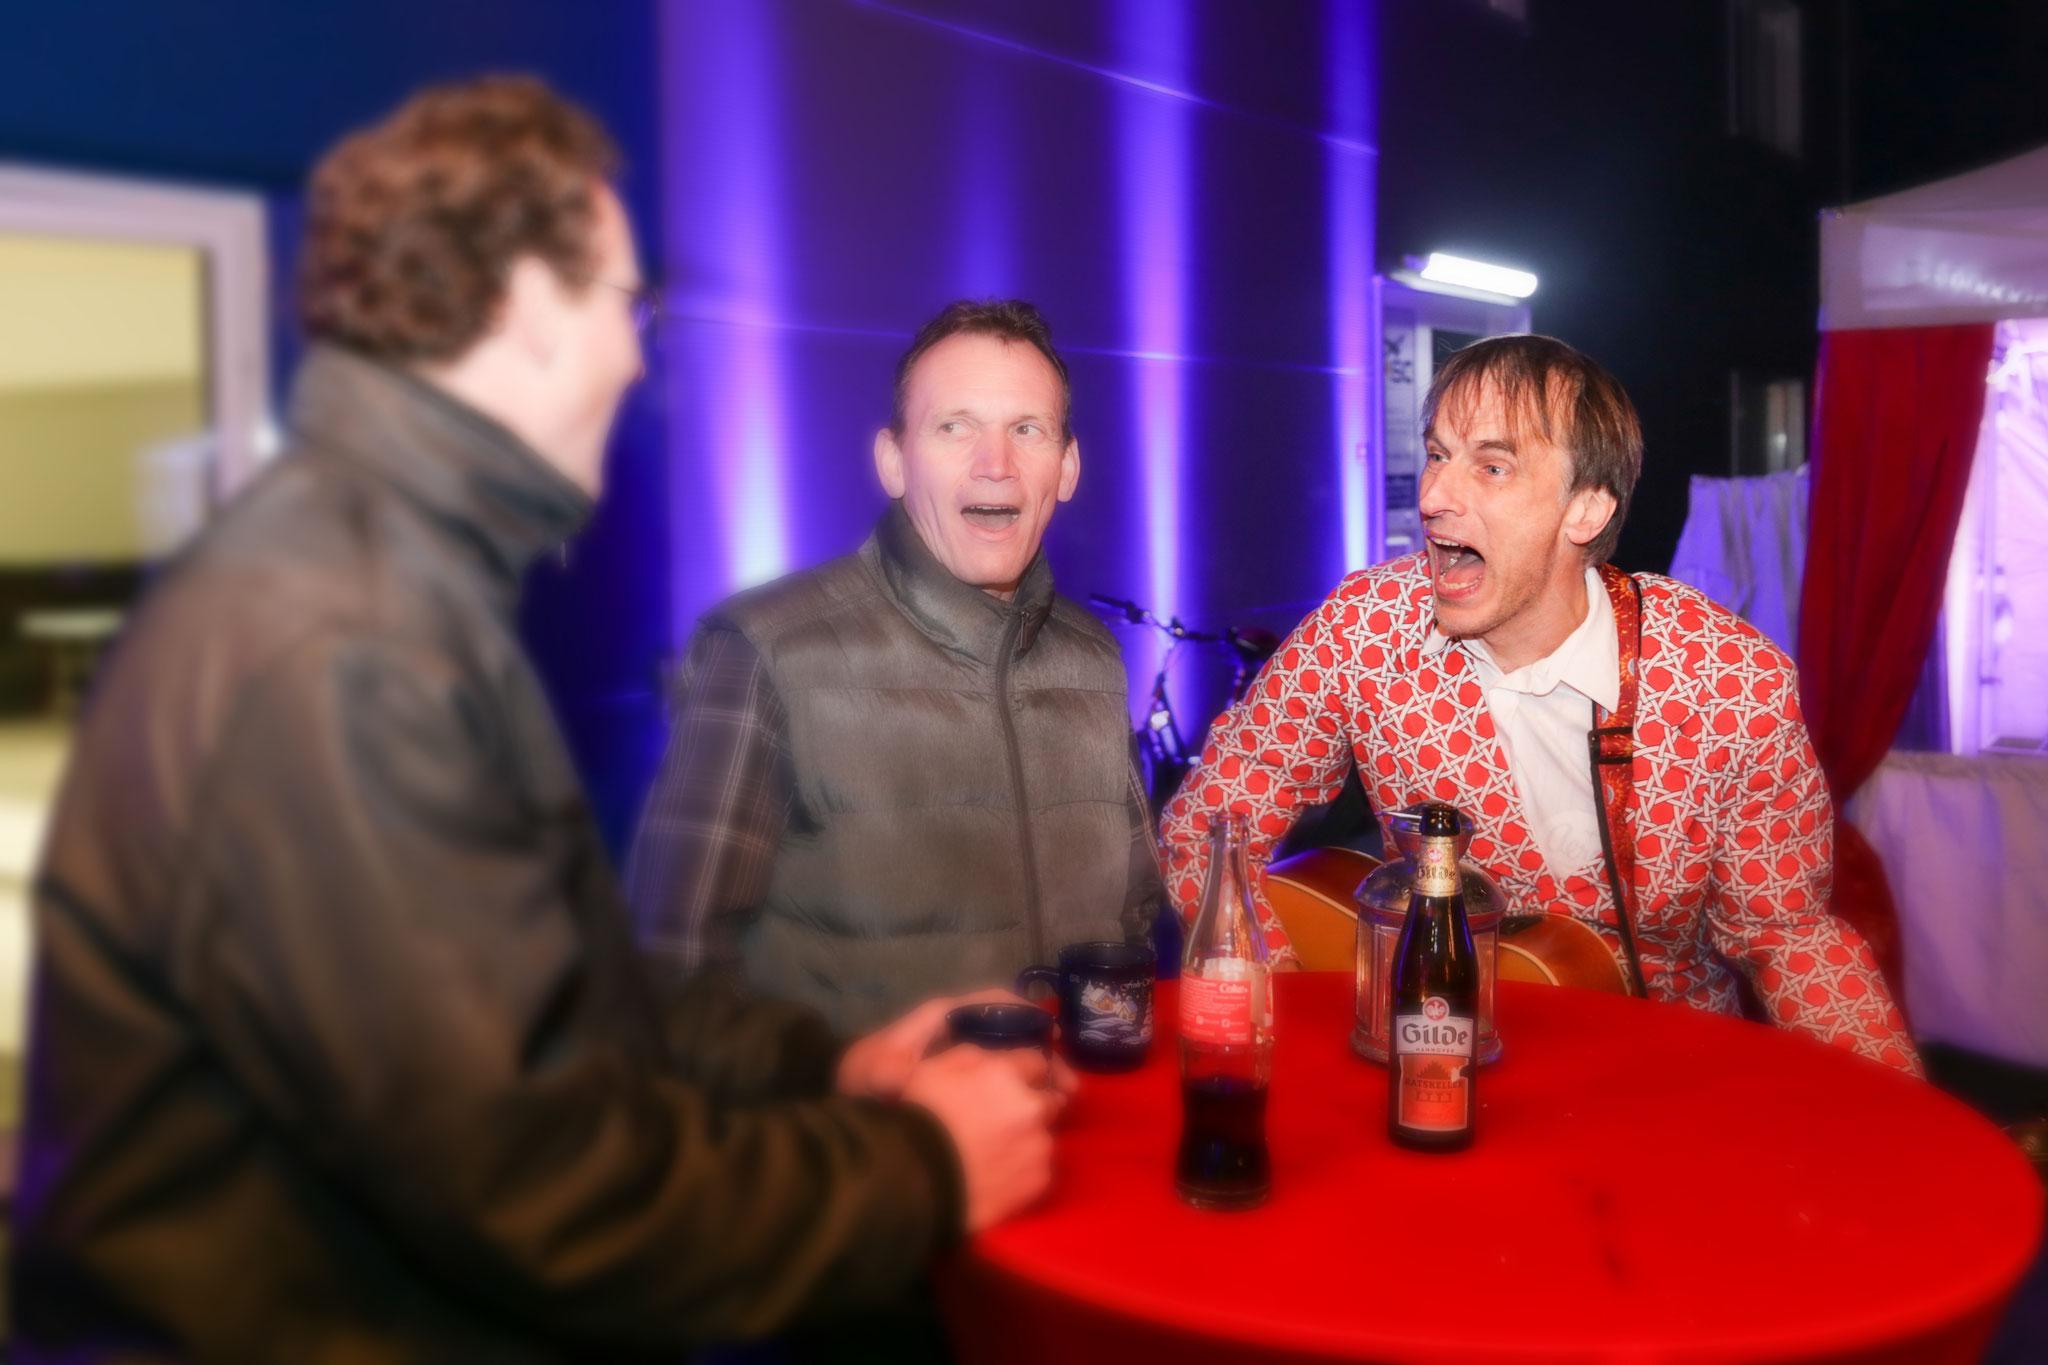 <h2> NEU! Das verrückte Weihnachtsdorf </h2> Professionelle Comedians sorgen hier für beste Stimmung bei den Gästen!